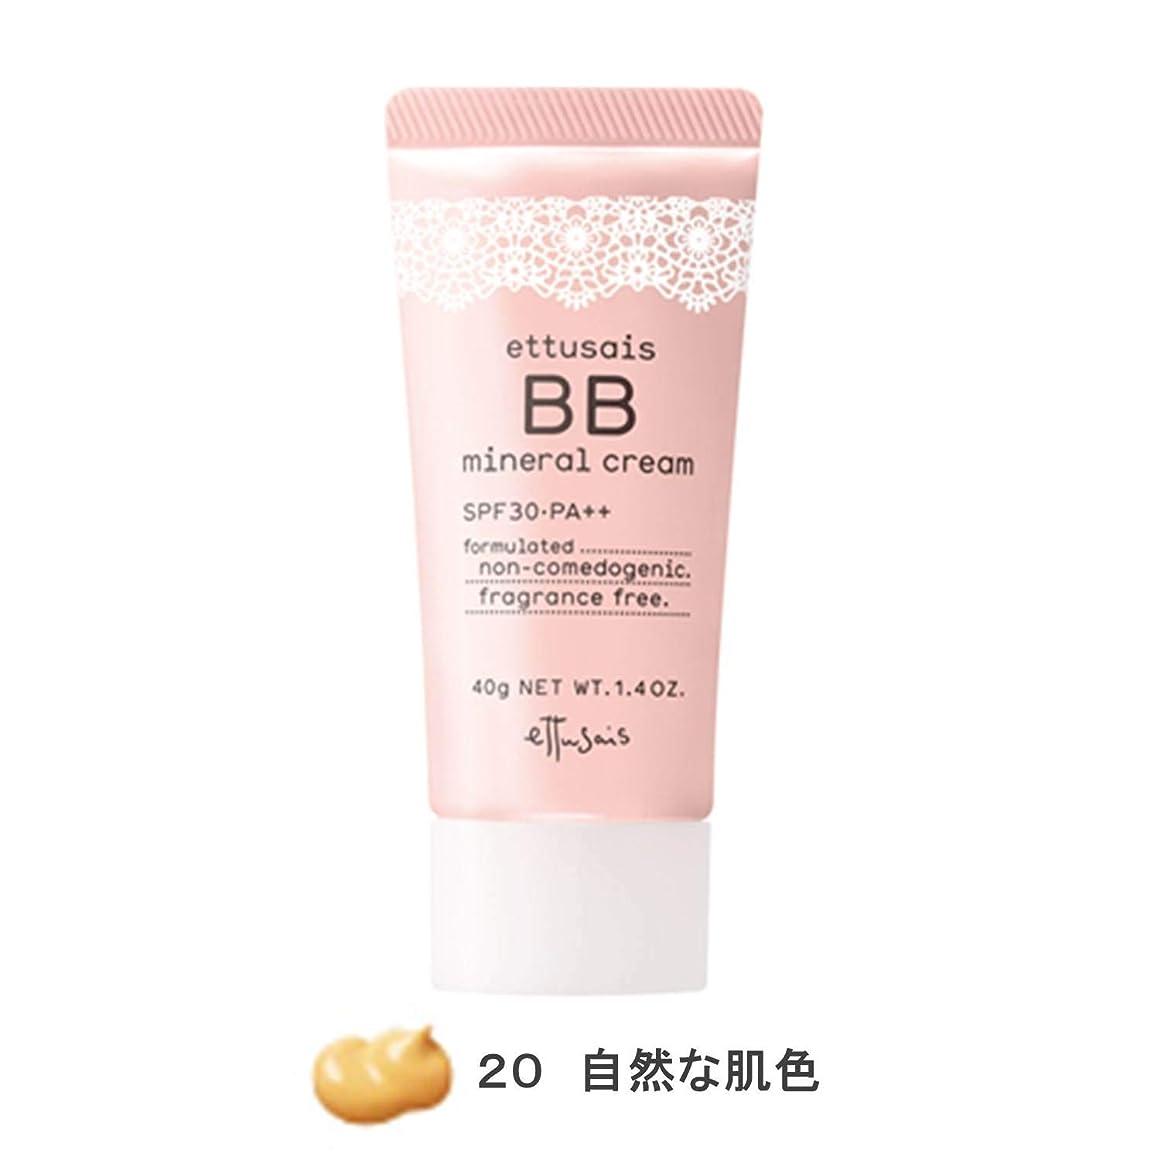 チャップ分子許すエテュセ BBミネラルクリーム 20(自然な肌色) SPF30?PA++ 40g